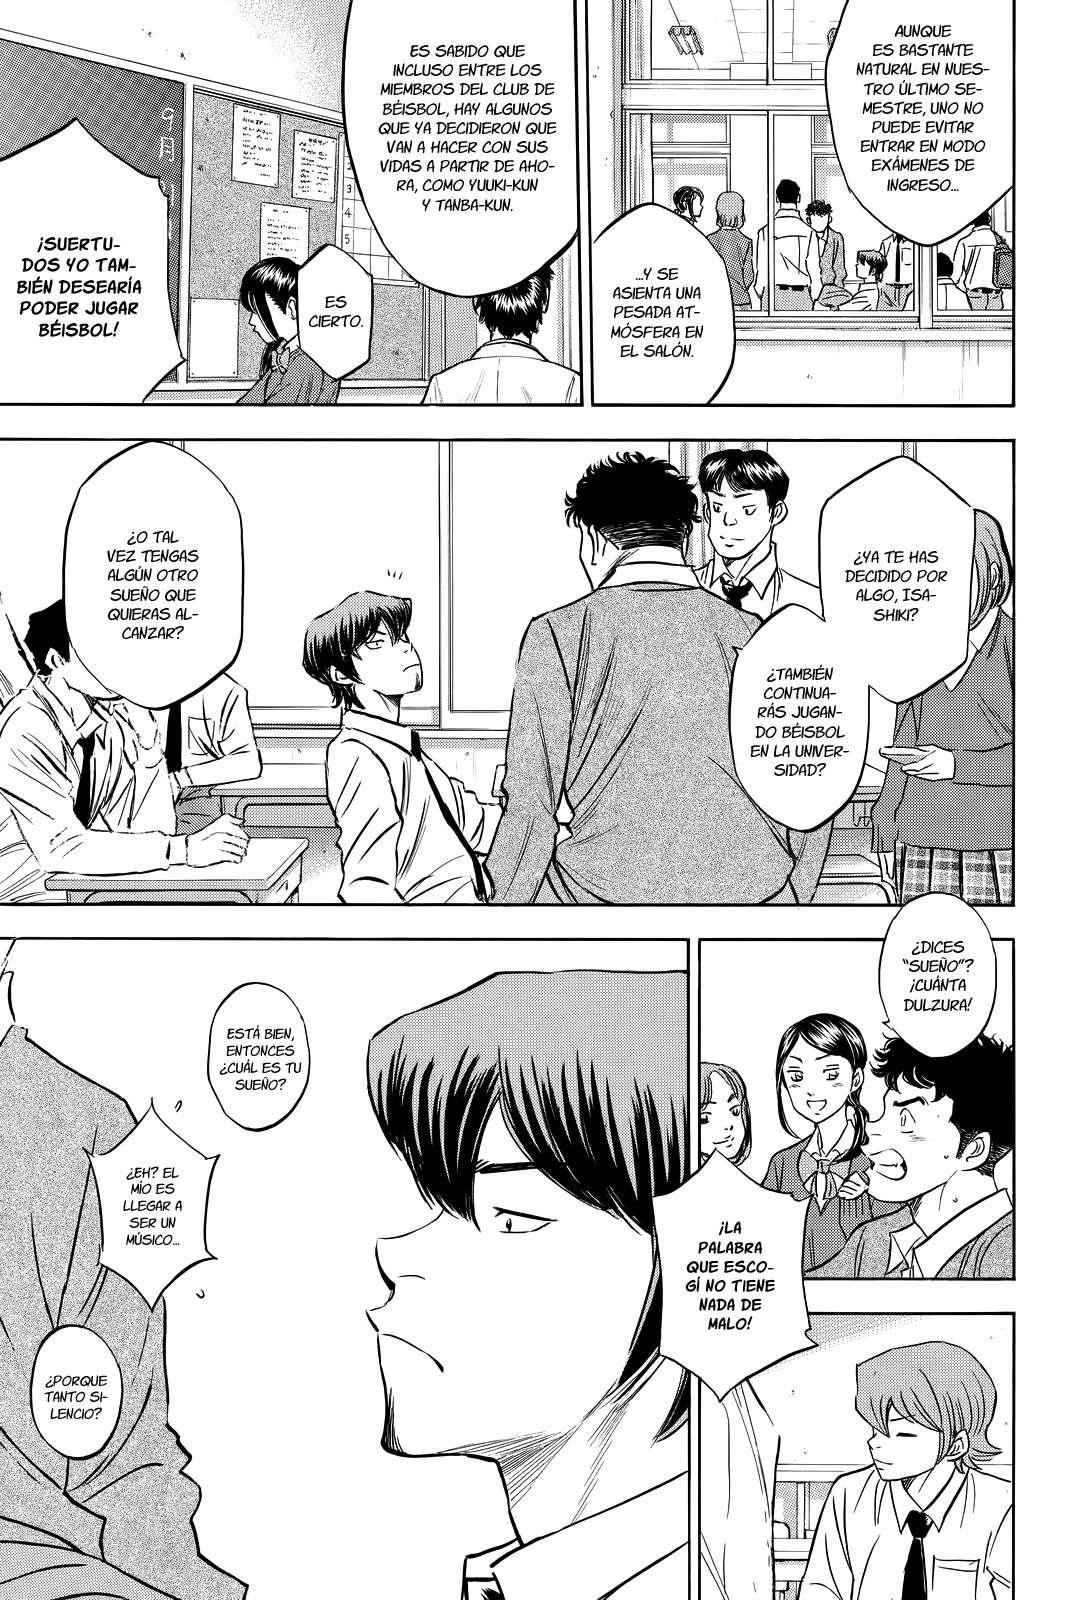 http://c5.ninemanga.com/es_manga/24/1752/416097/c08abdfad98ebf82a02023705041633b.jpg Page 6